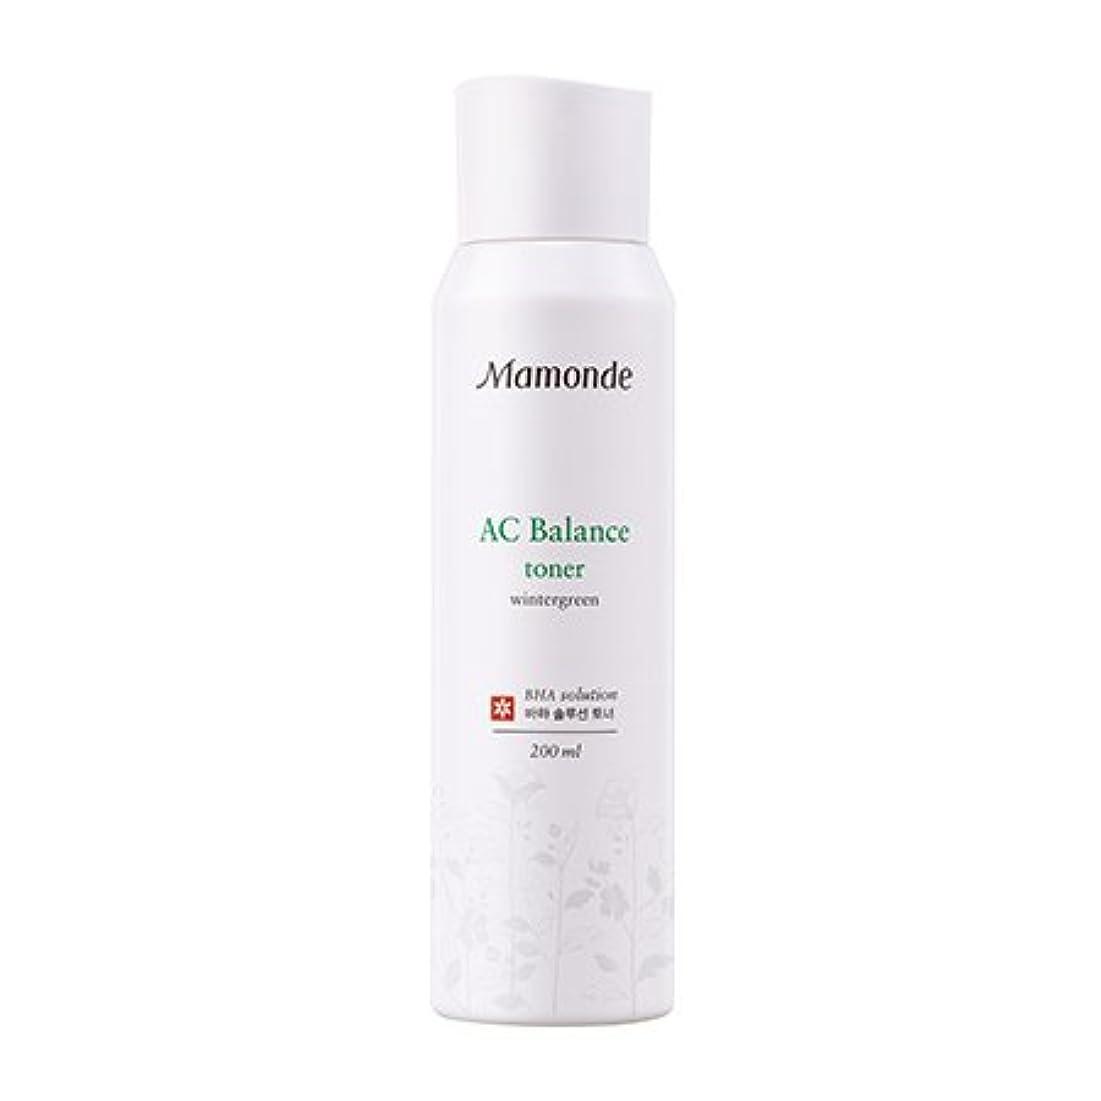 無実重さ海外で[New] Mamonde AC Balance Toner 200ml/マモンド AC バランス トナー 200ml [並行輸入品]